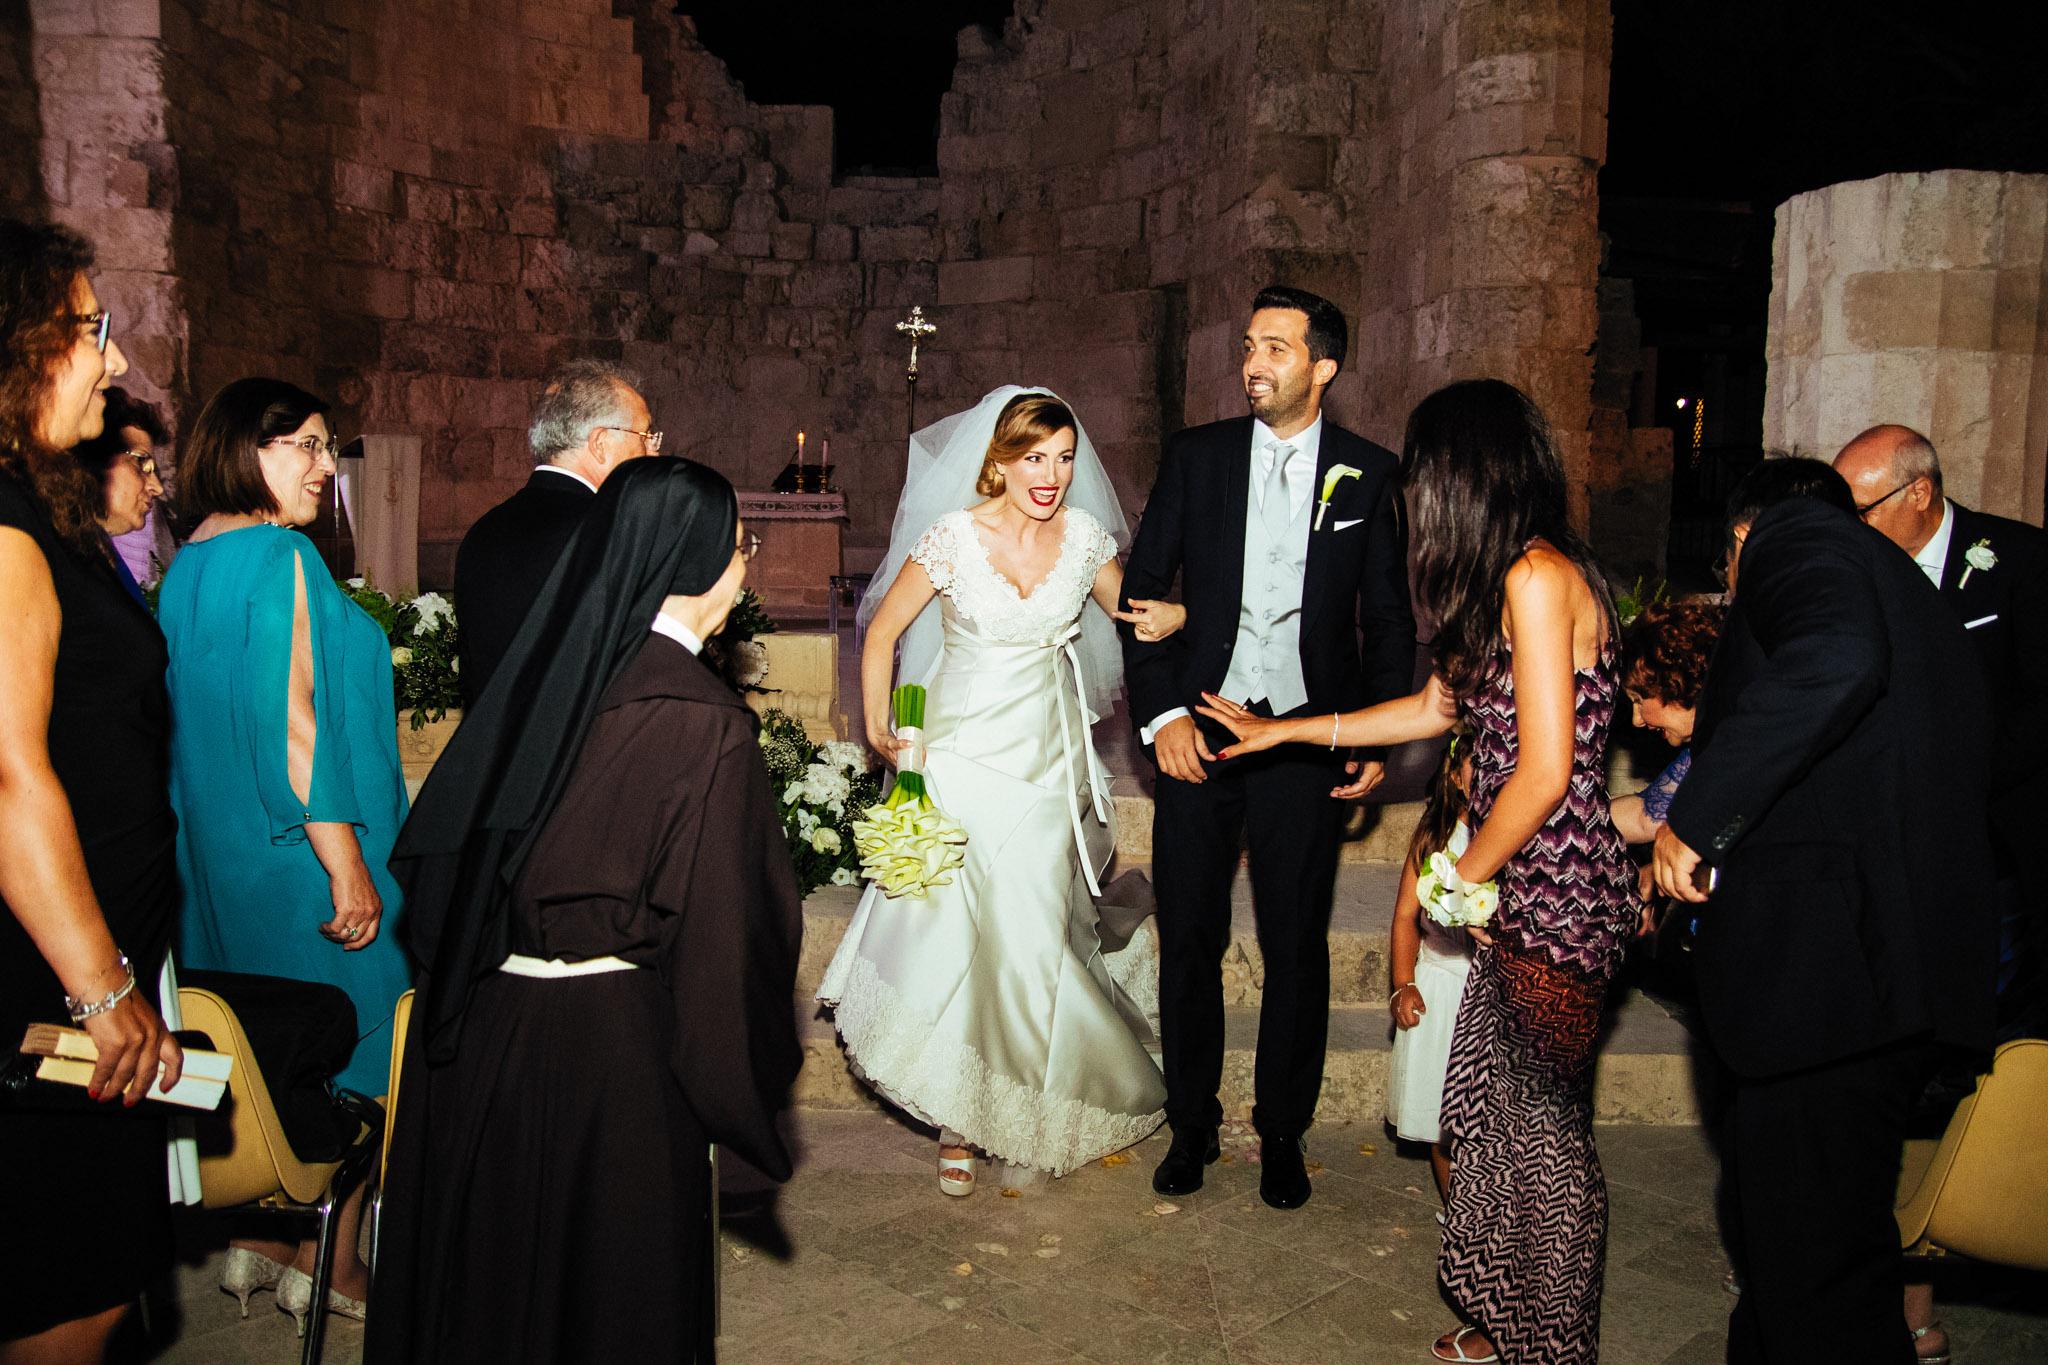 wedding-in-SYRACUSE-41.jpg